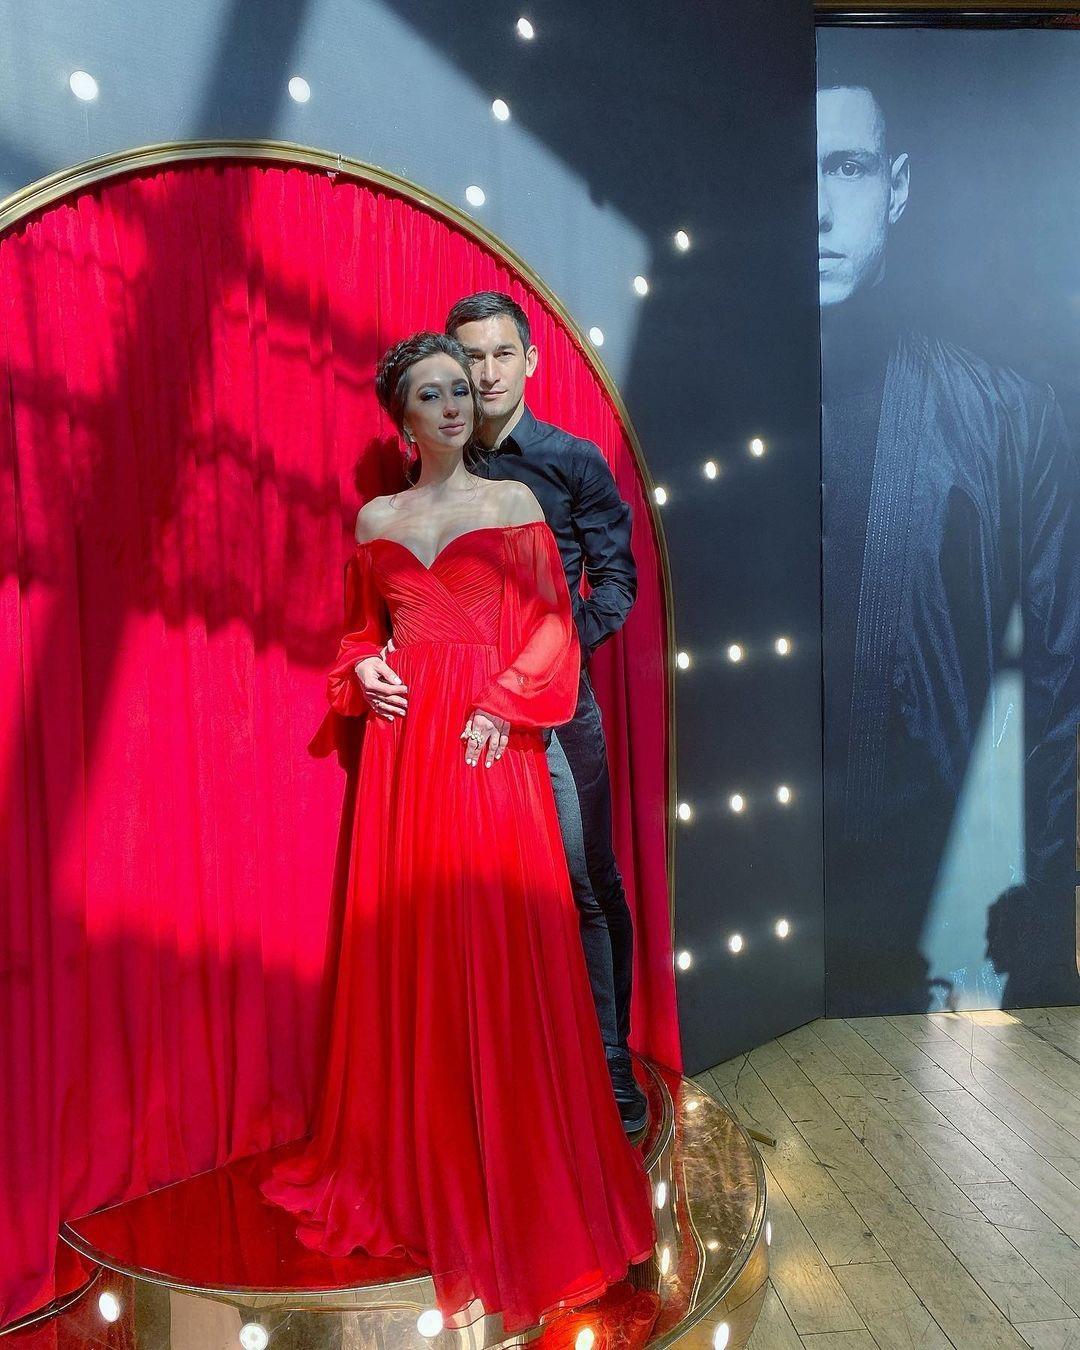 Огненная королева! Жена футболиста Шахтера в красном платье затмила Людей в черном